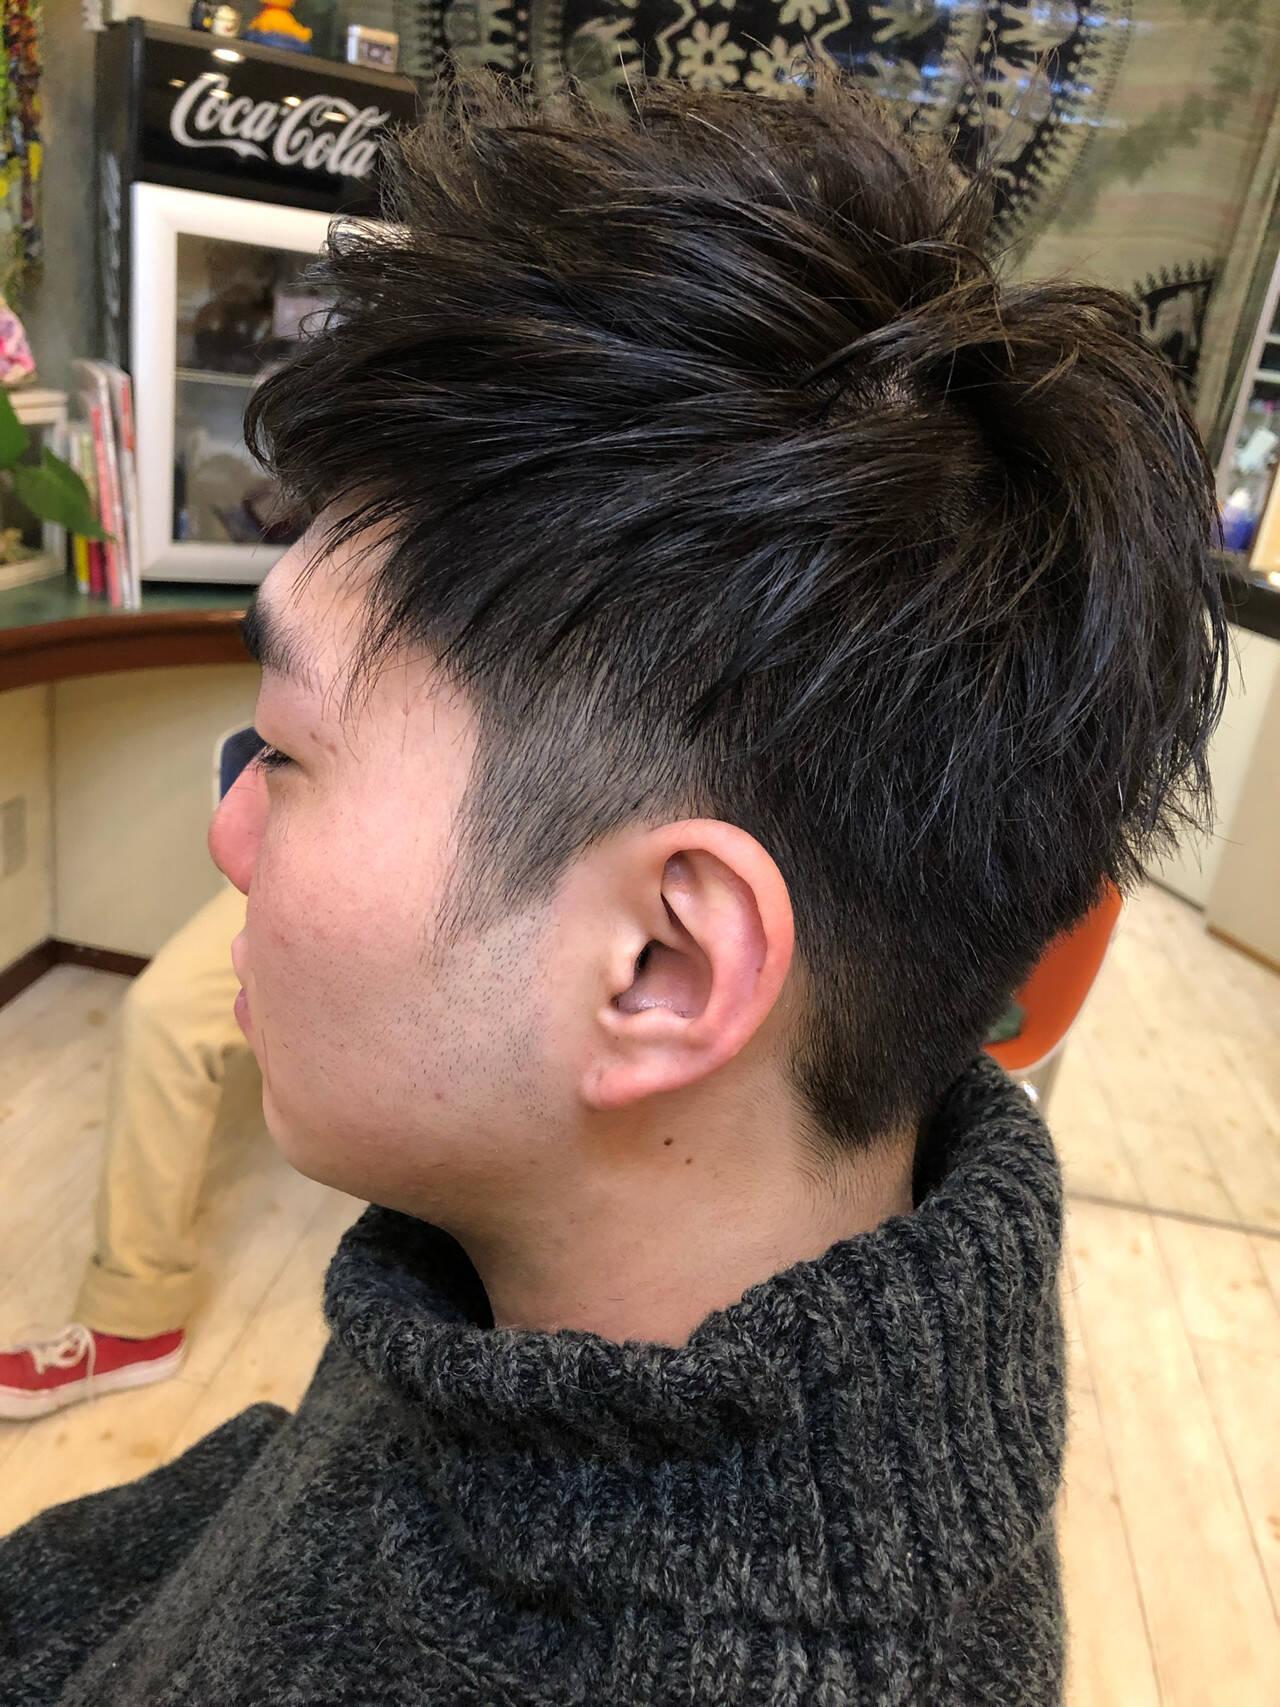 メンズ フェミニン メンズカジュアル 成人式ヘアスタイルや髪型の写真・画像